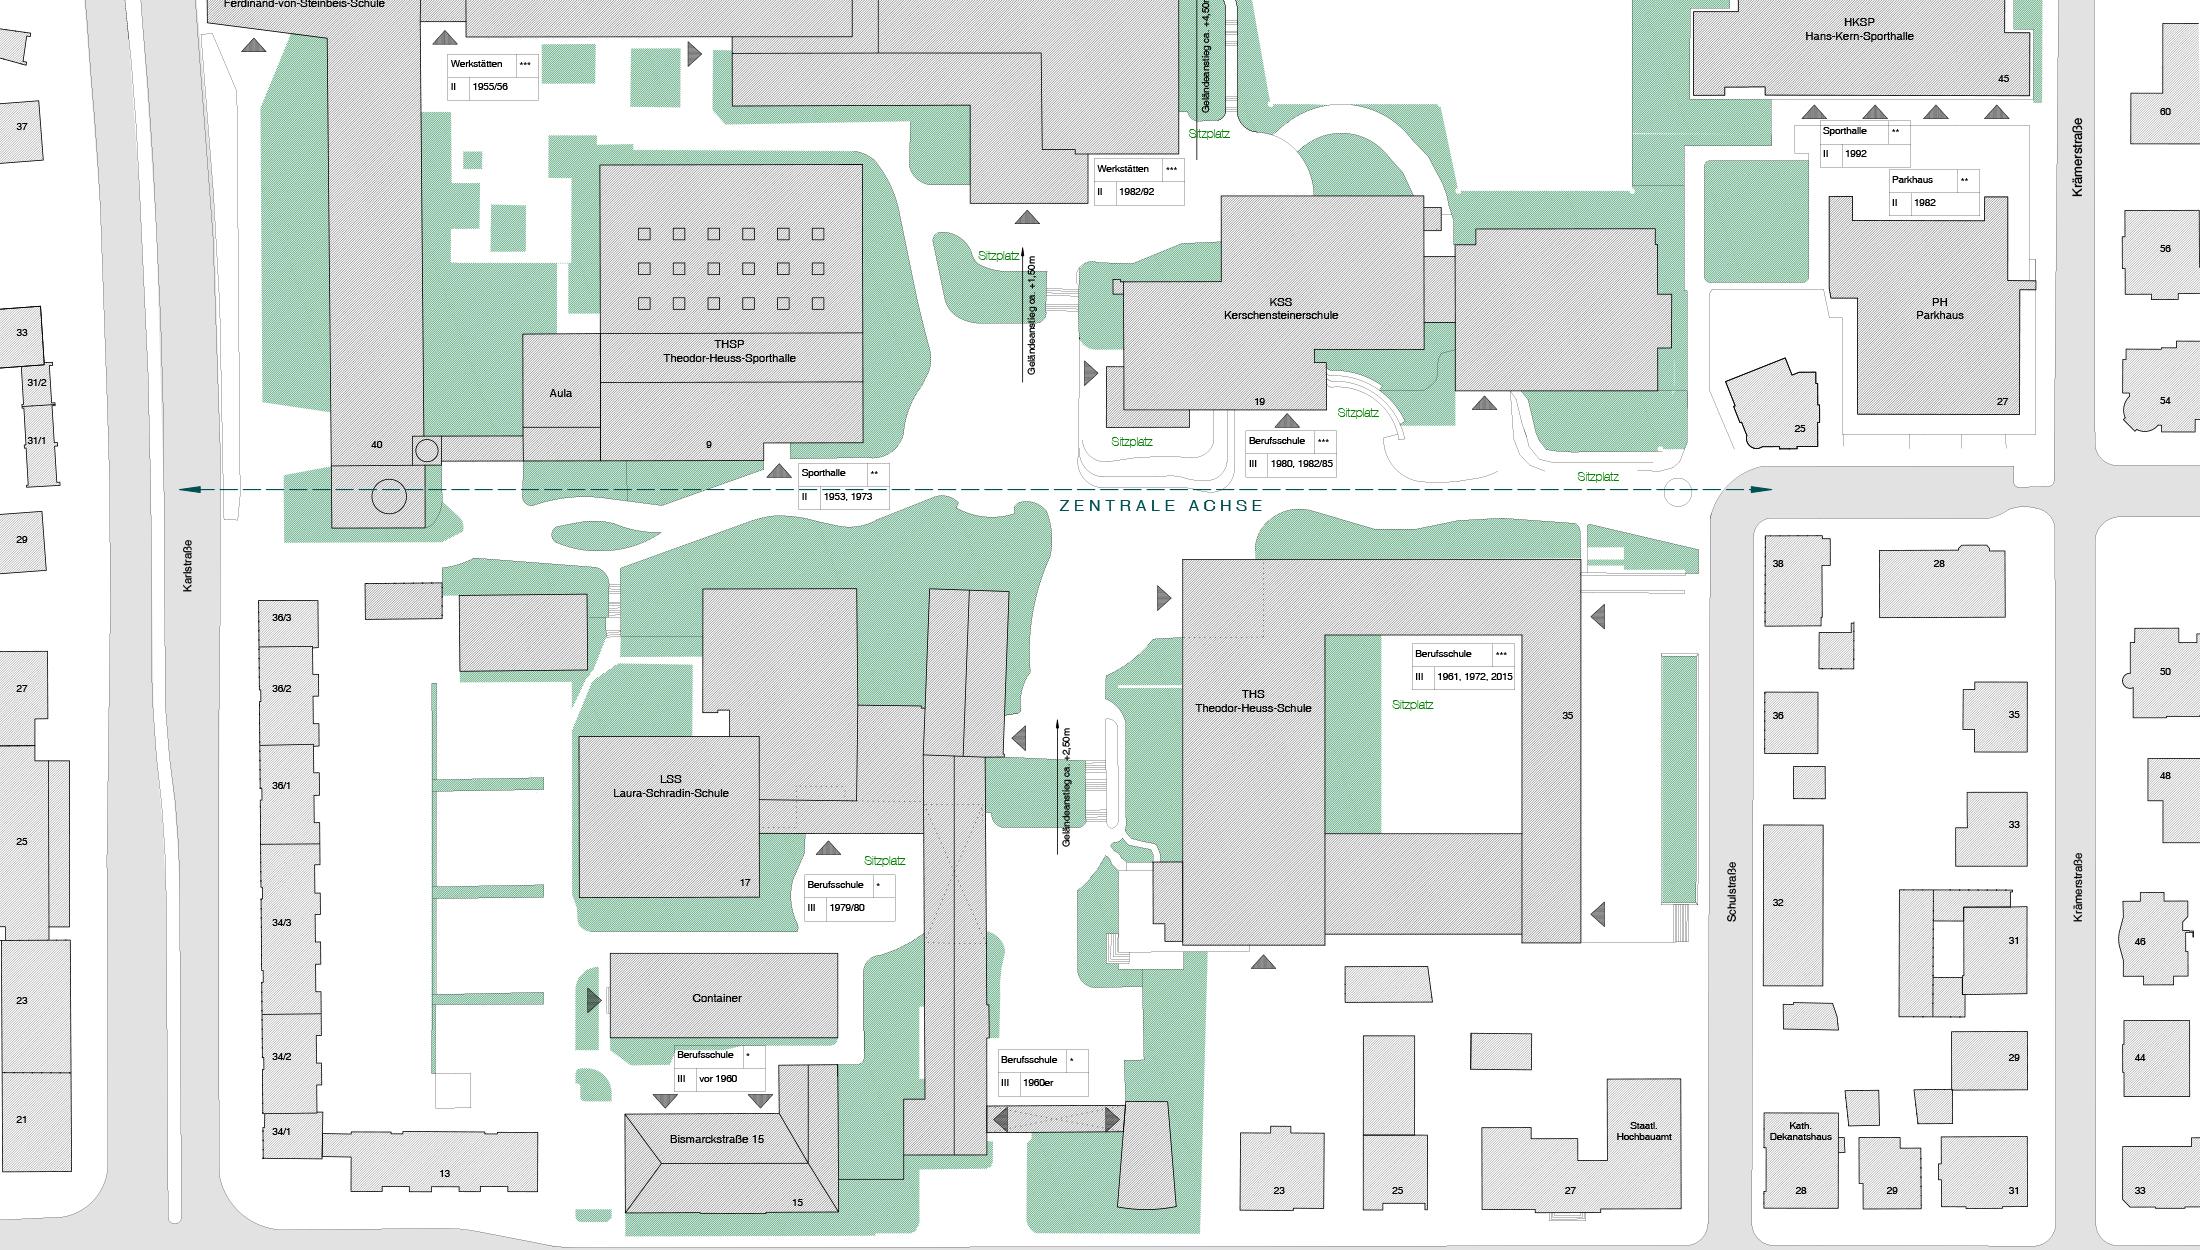 2020, Verfahrensbetreuung Freianlagenplanung für den Berufsschulcampus, Reutlingen